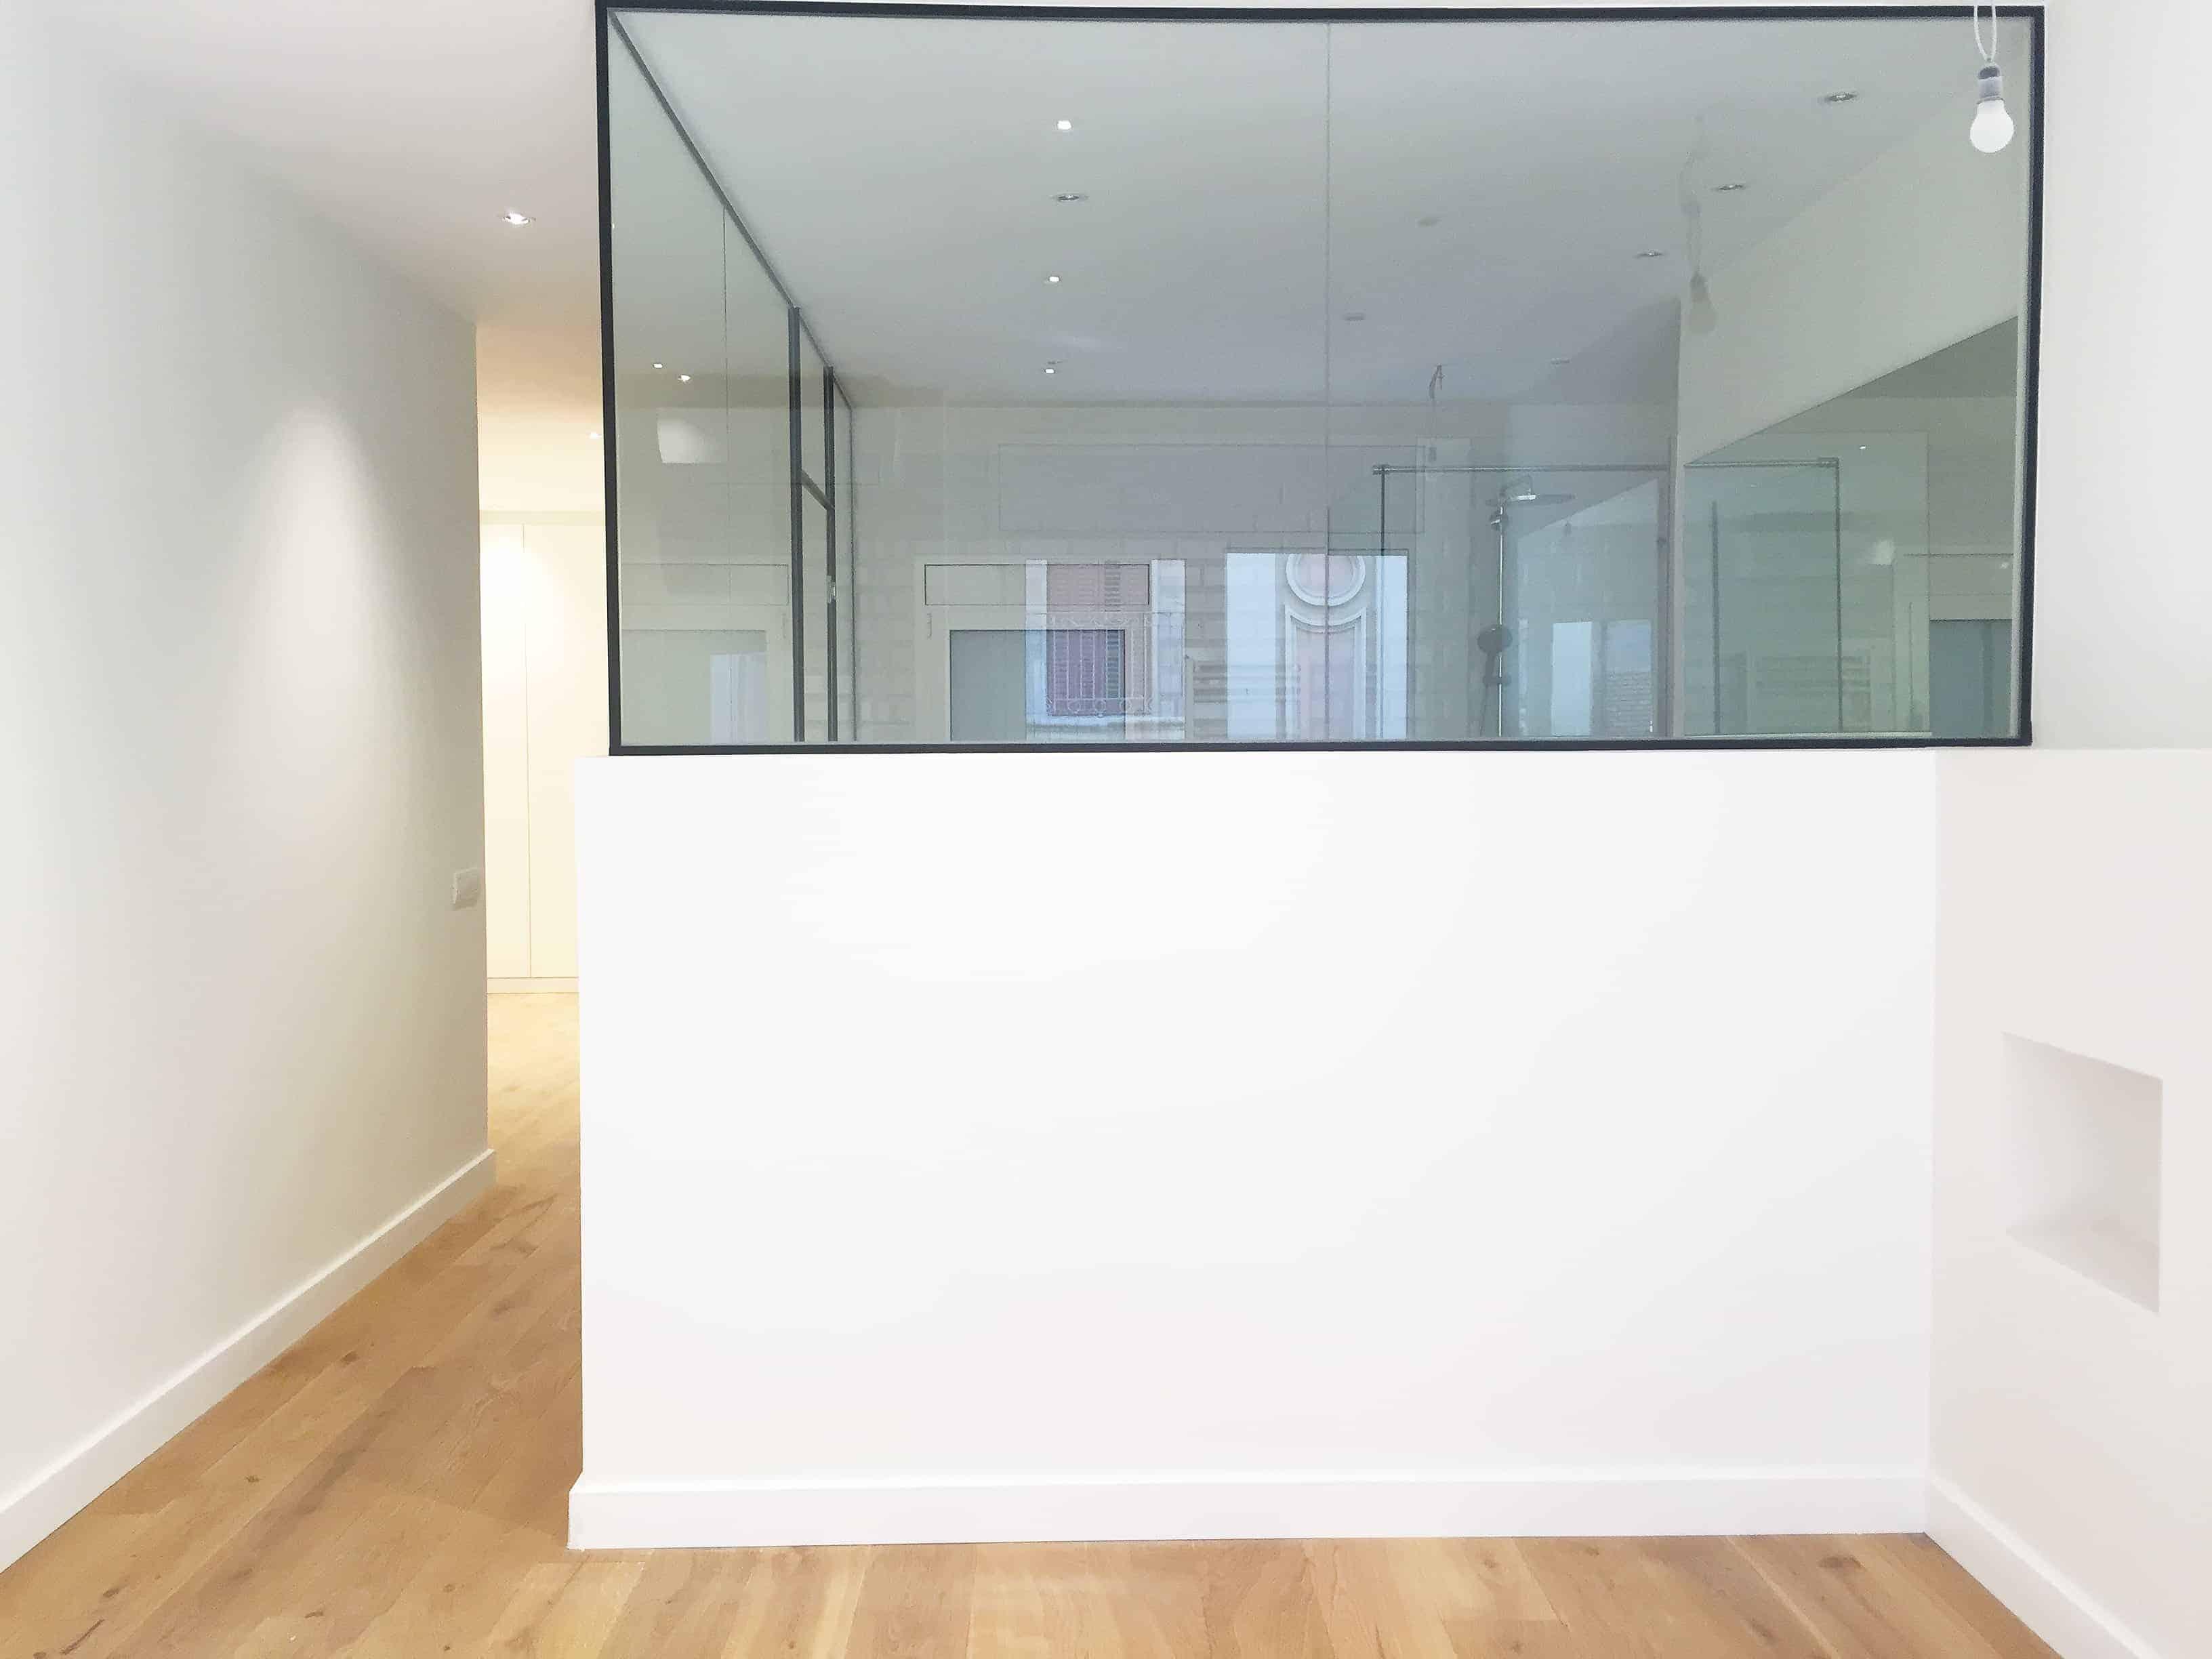 puerta transparente bano rector ubach contract solutions